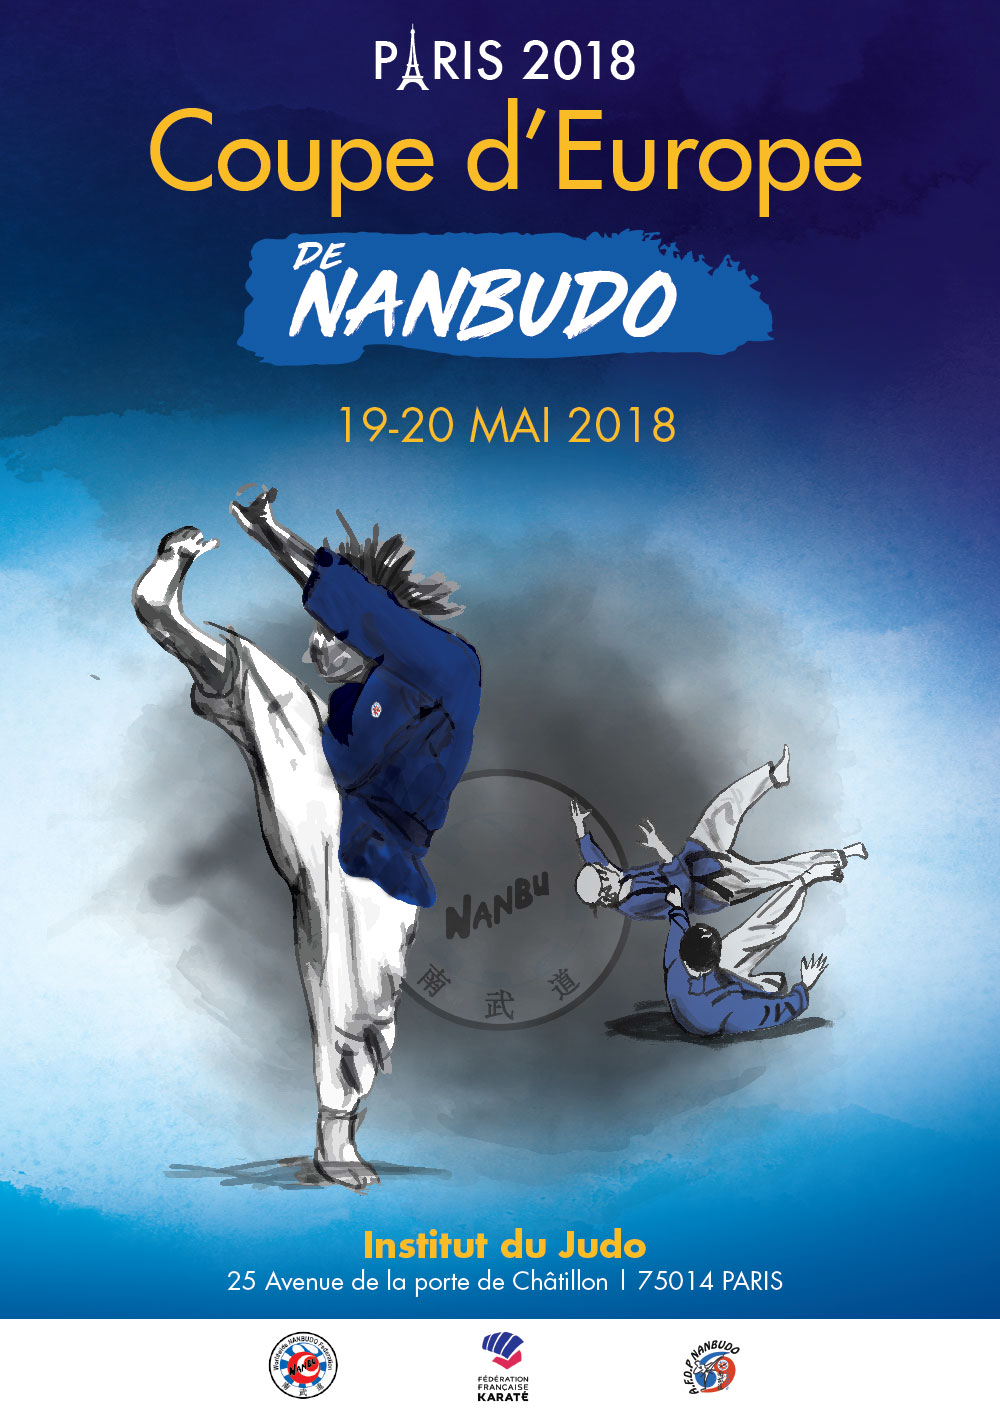 COUPE D'EUROPE DE NANBUDO